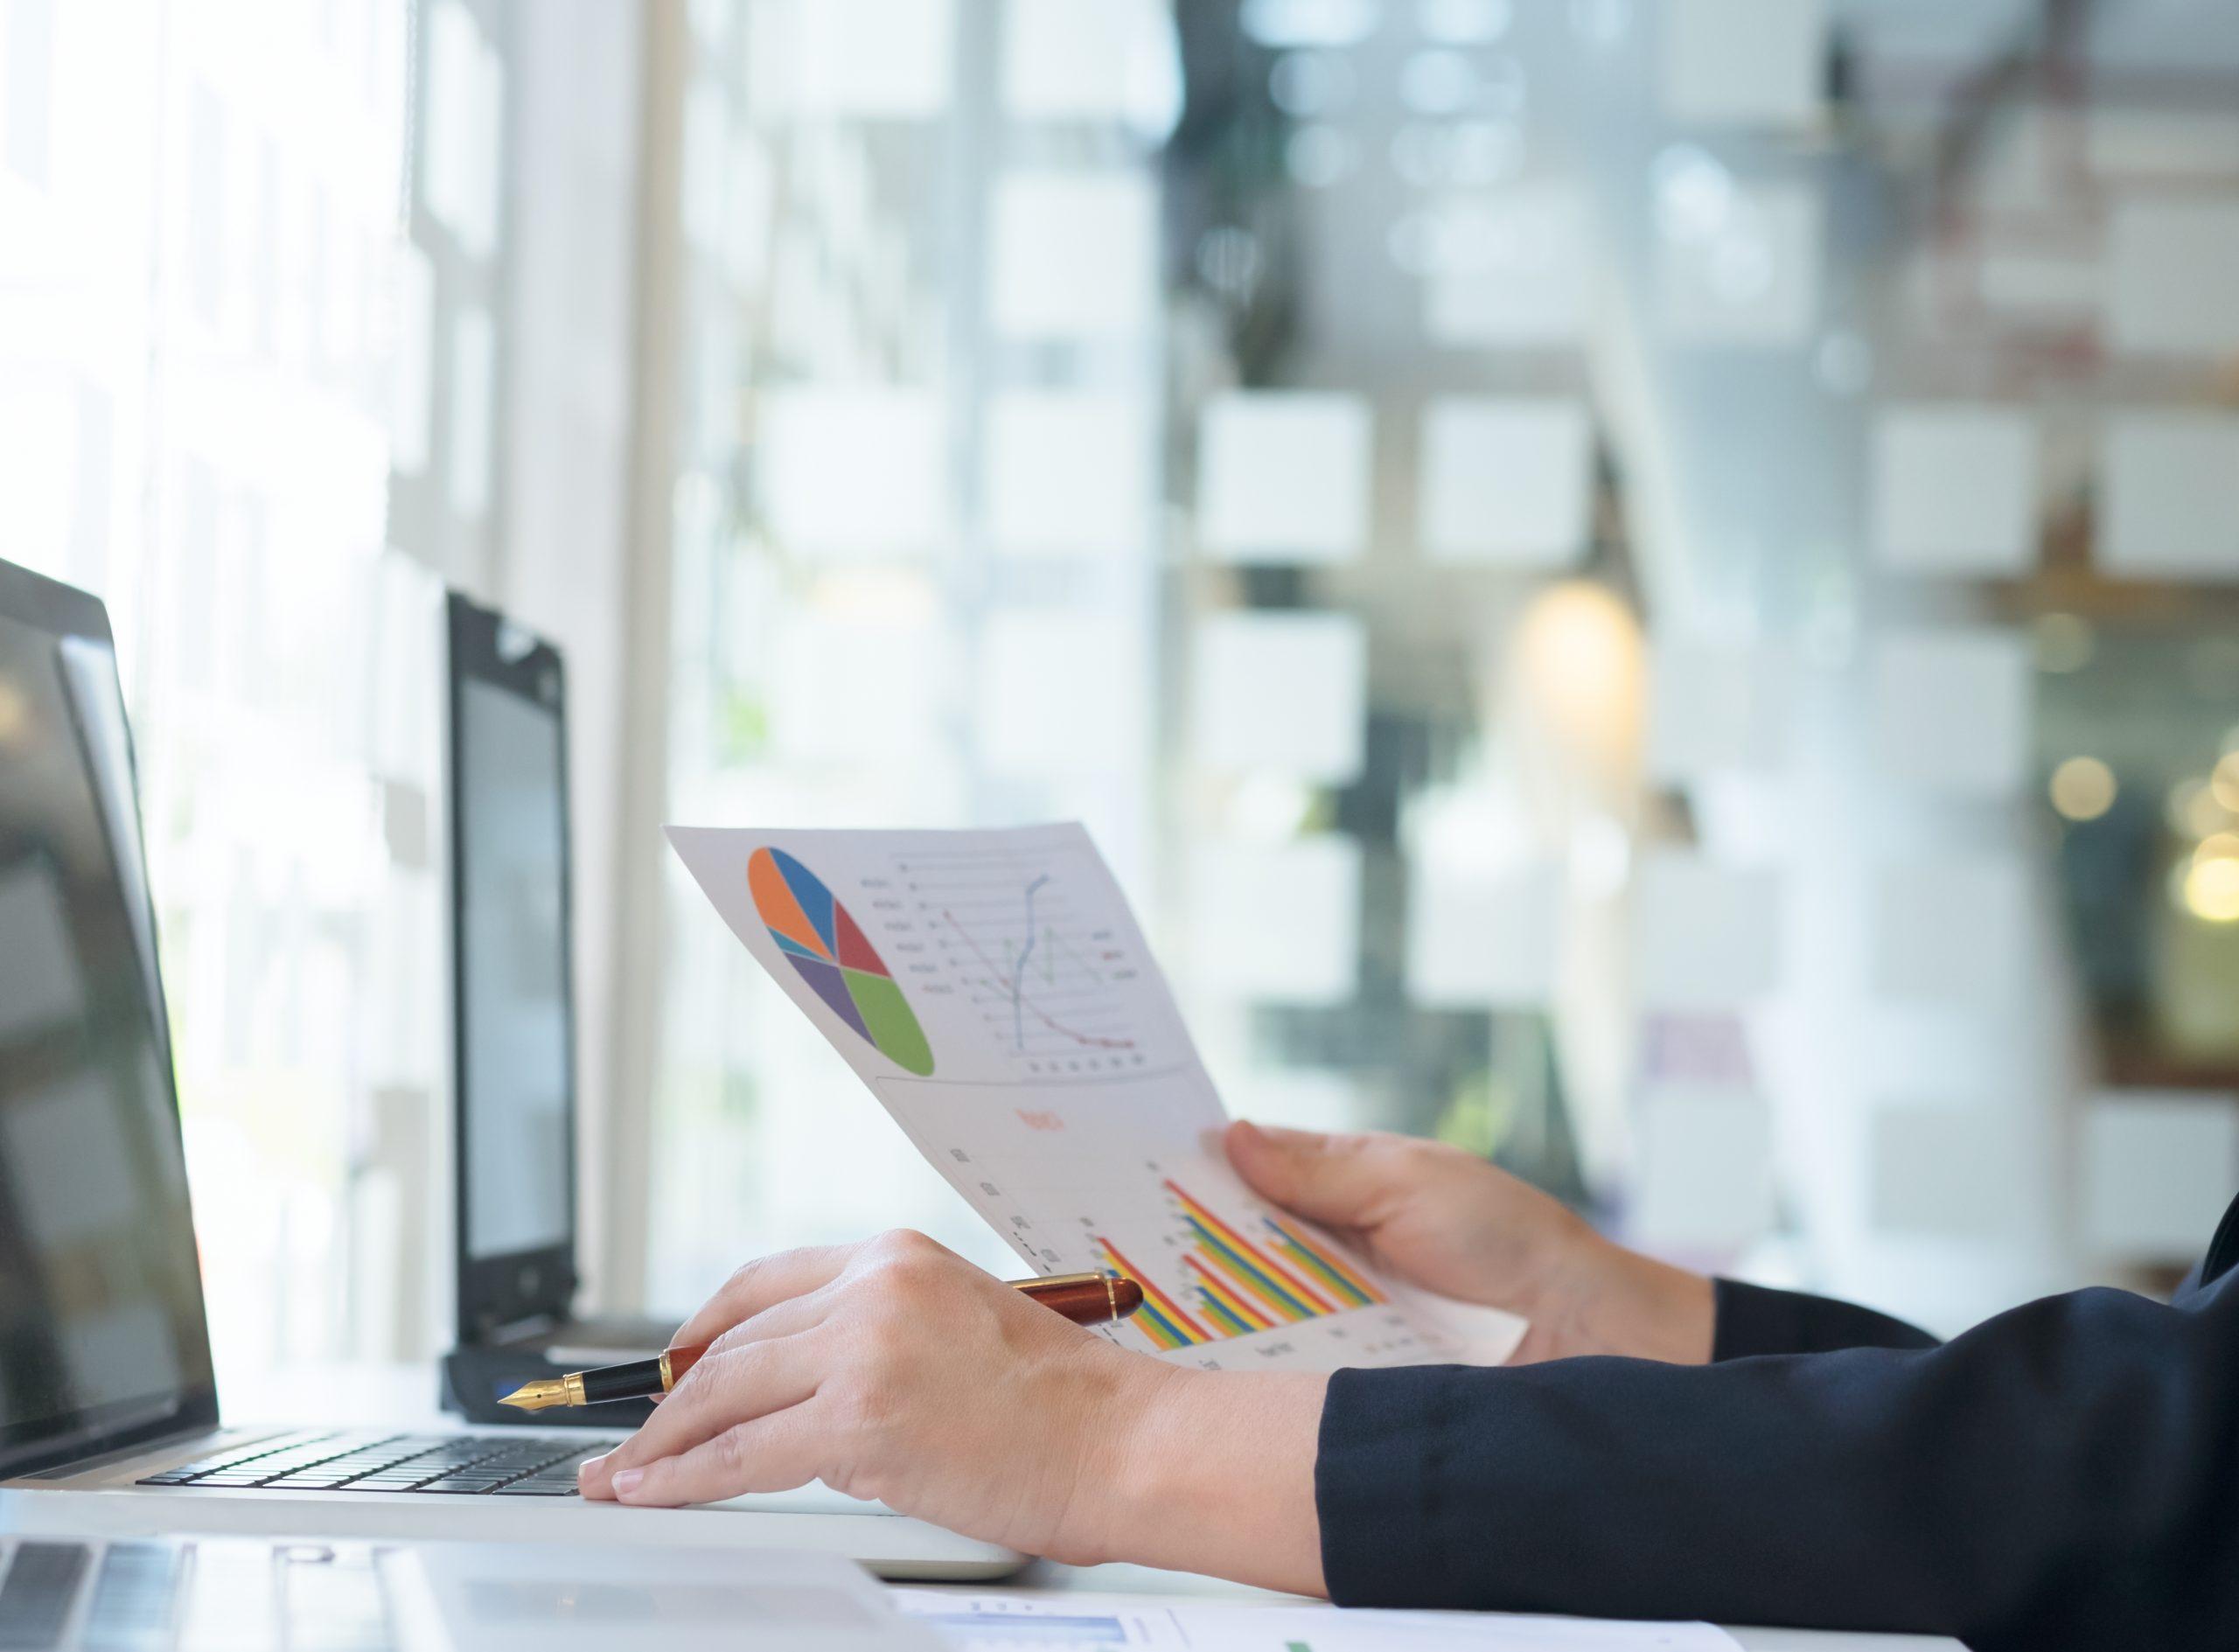 Vốn hóa là gì? Những gì Nhà đầu tư cần biết về Vốn hóa Thị trường